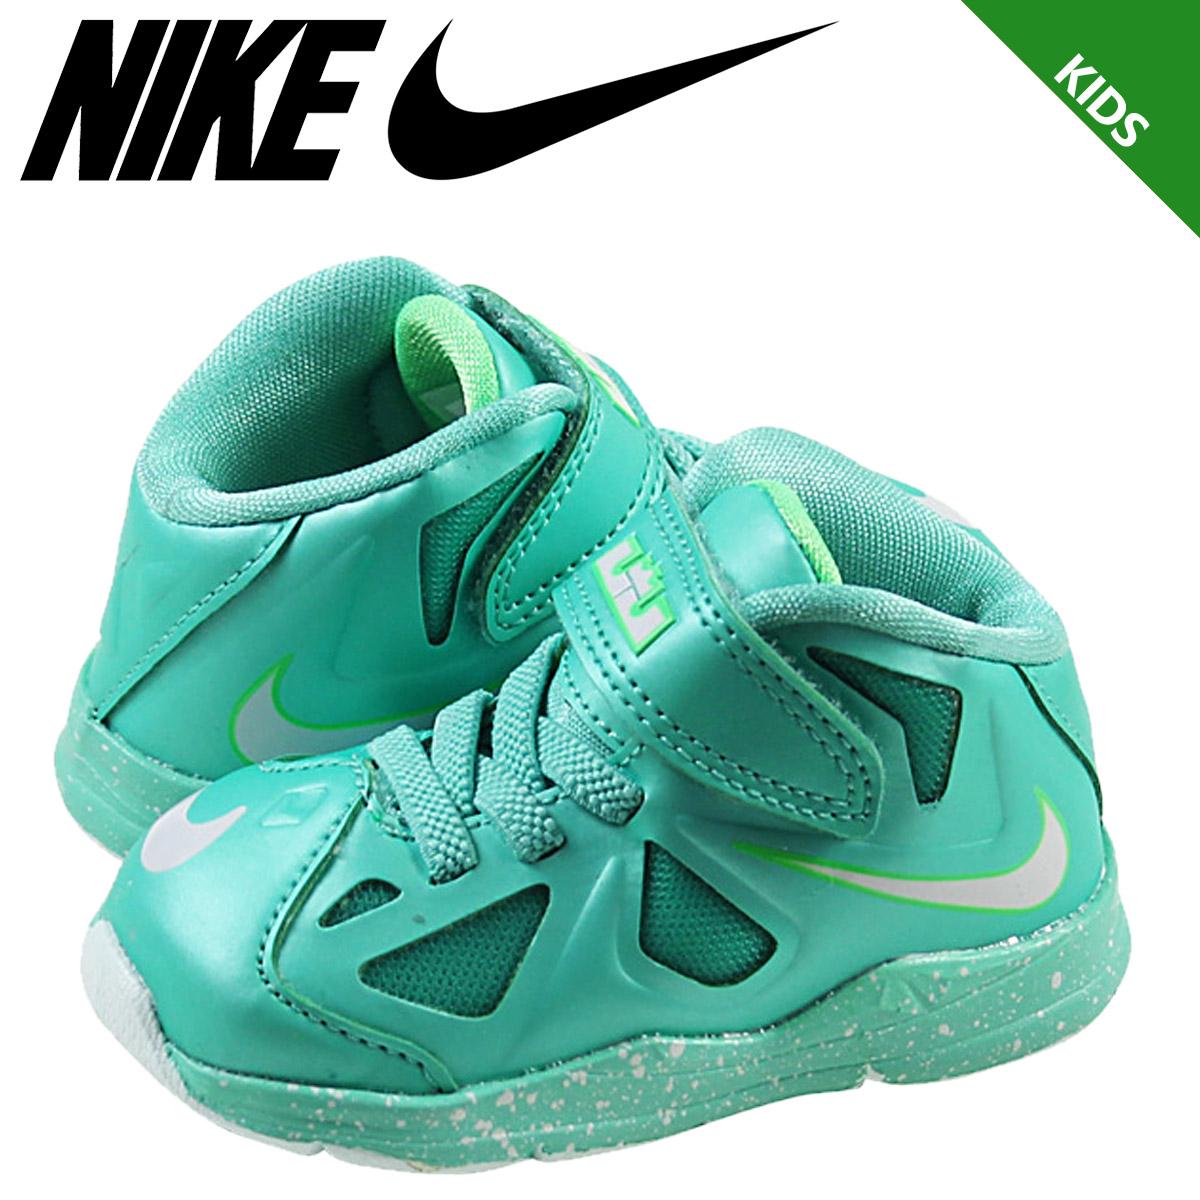 Nike NIKE baby kids LEBRON 10 TD sneakers LeBron ten toddler mesh junior  kids BABY TODDLER 543566-303 GREEN 8e8967668ccd